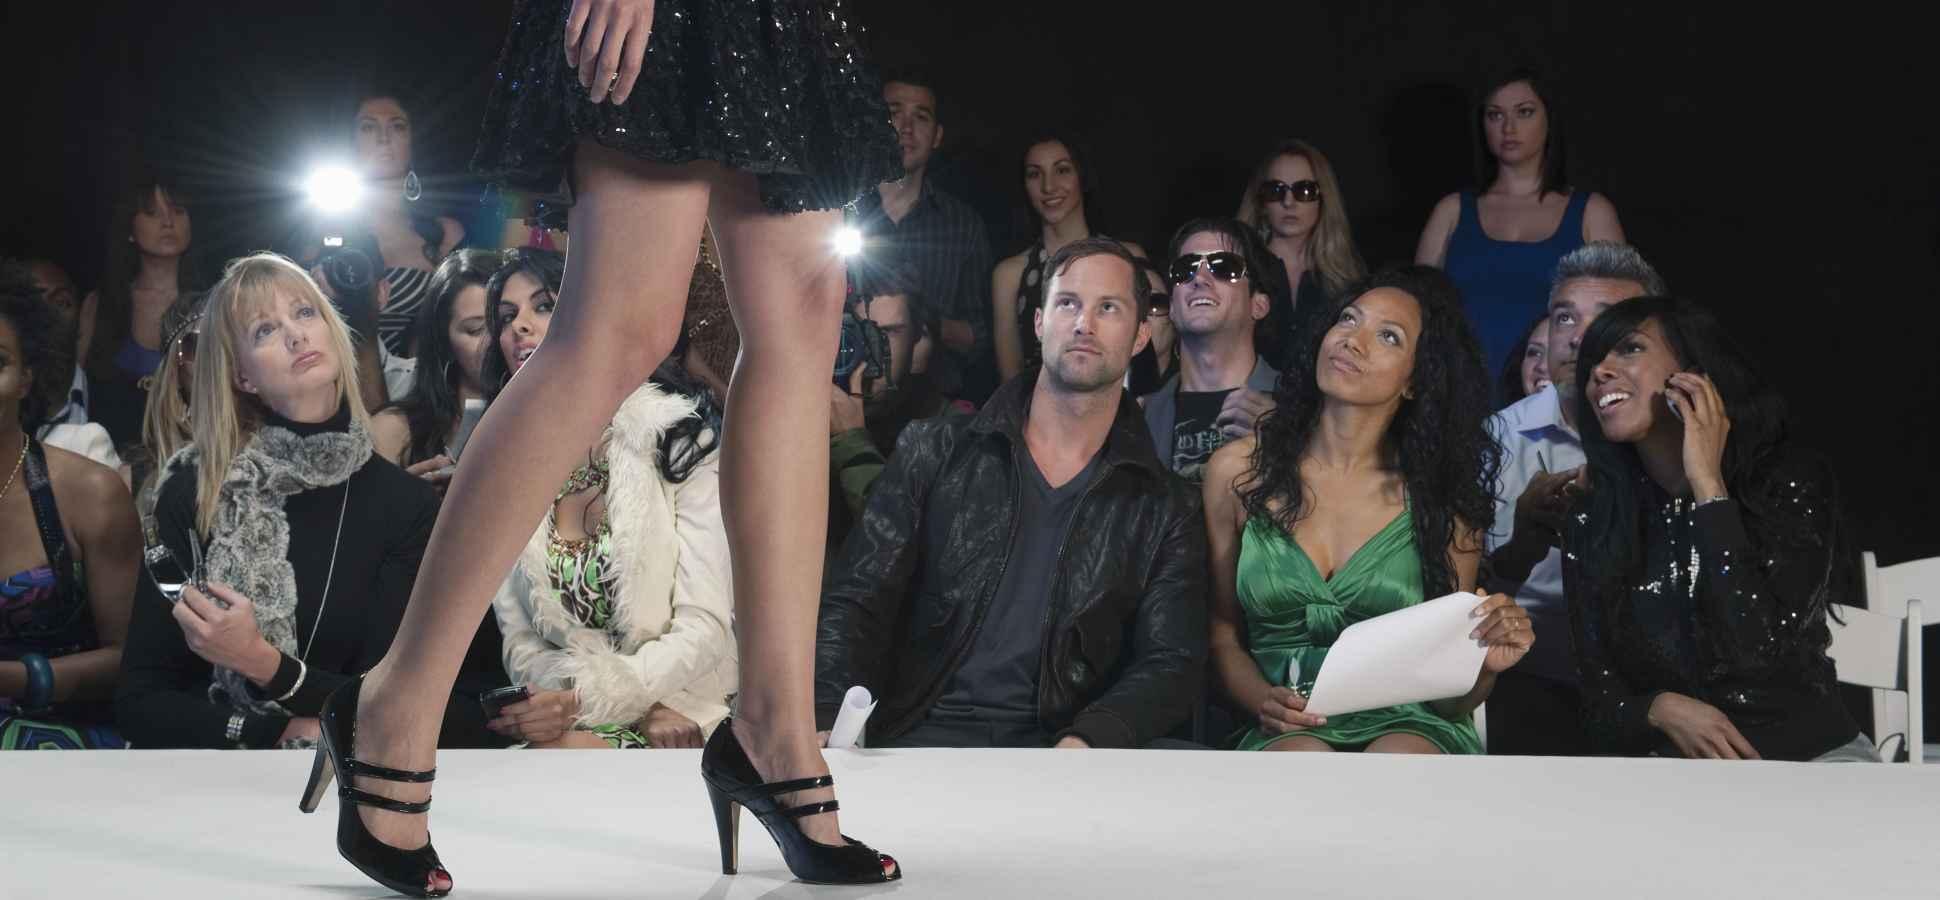 6 Social Media Tricks of Fashion Brands | Inc.com